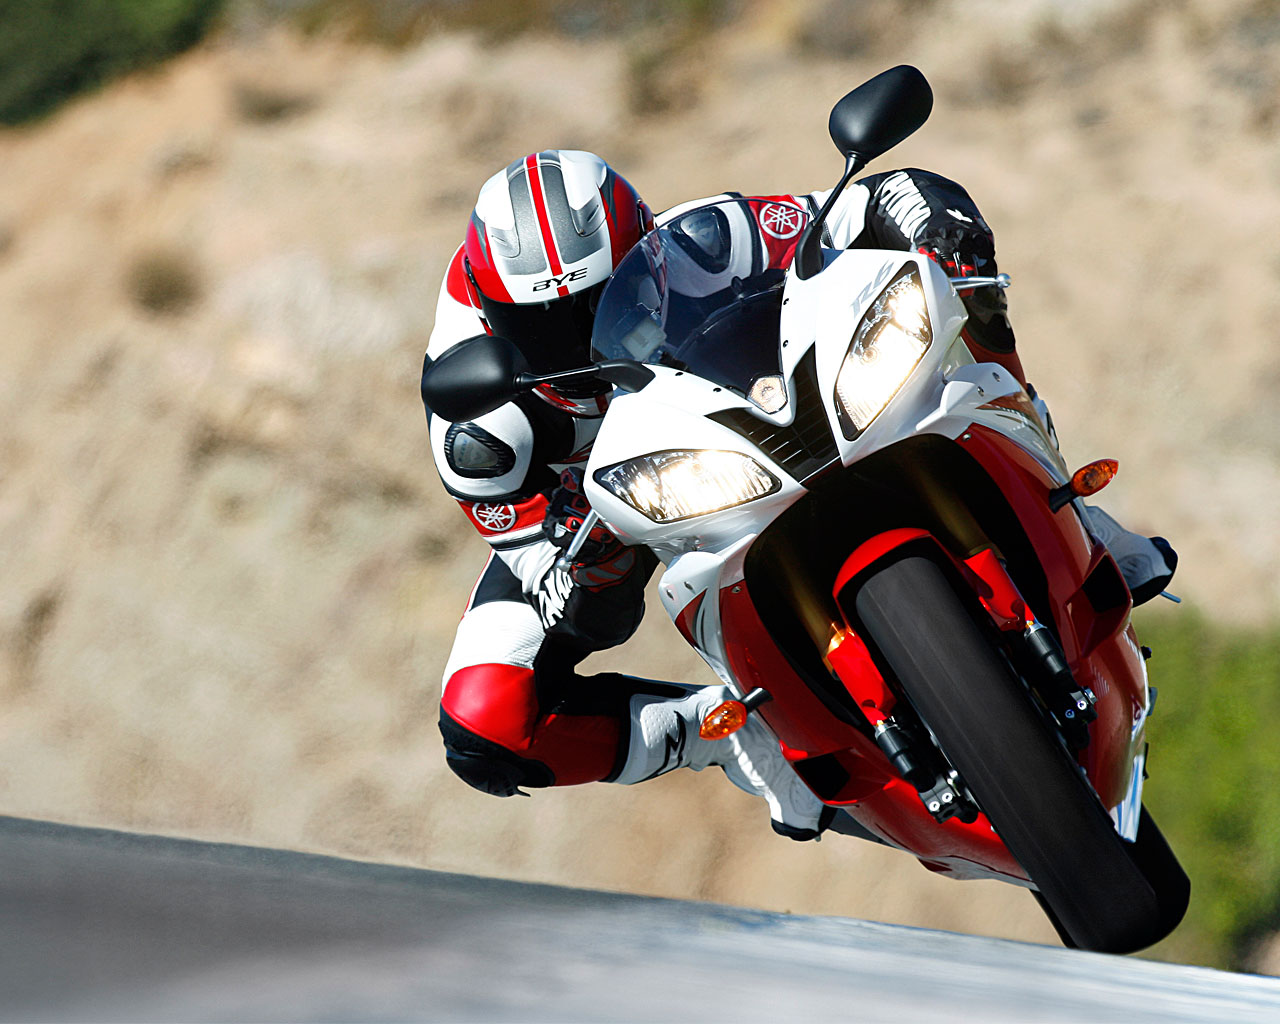 Sportbike Motorcycles